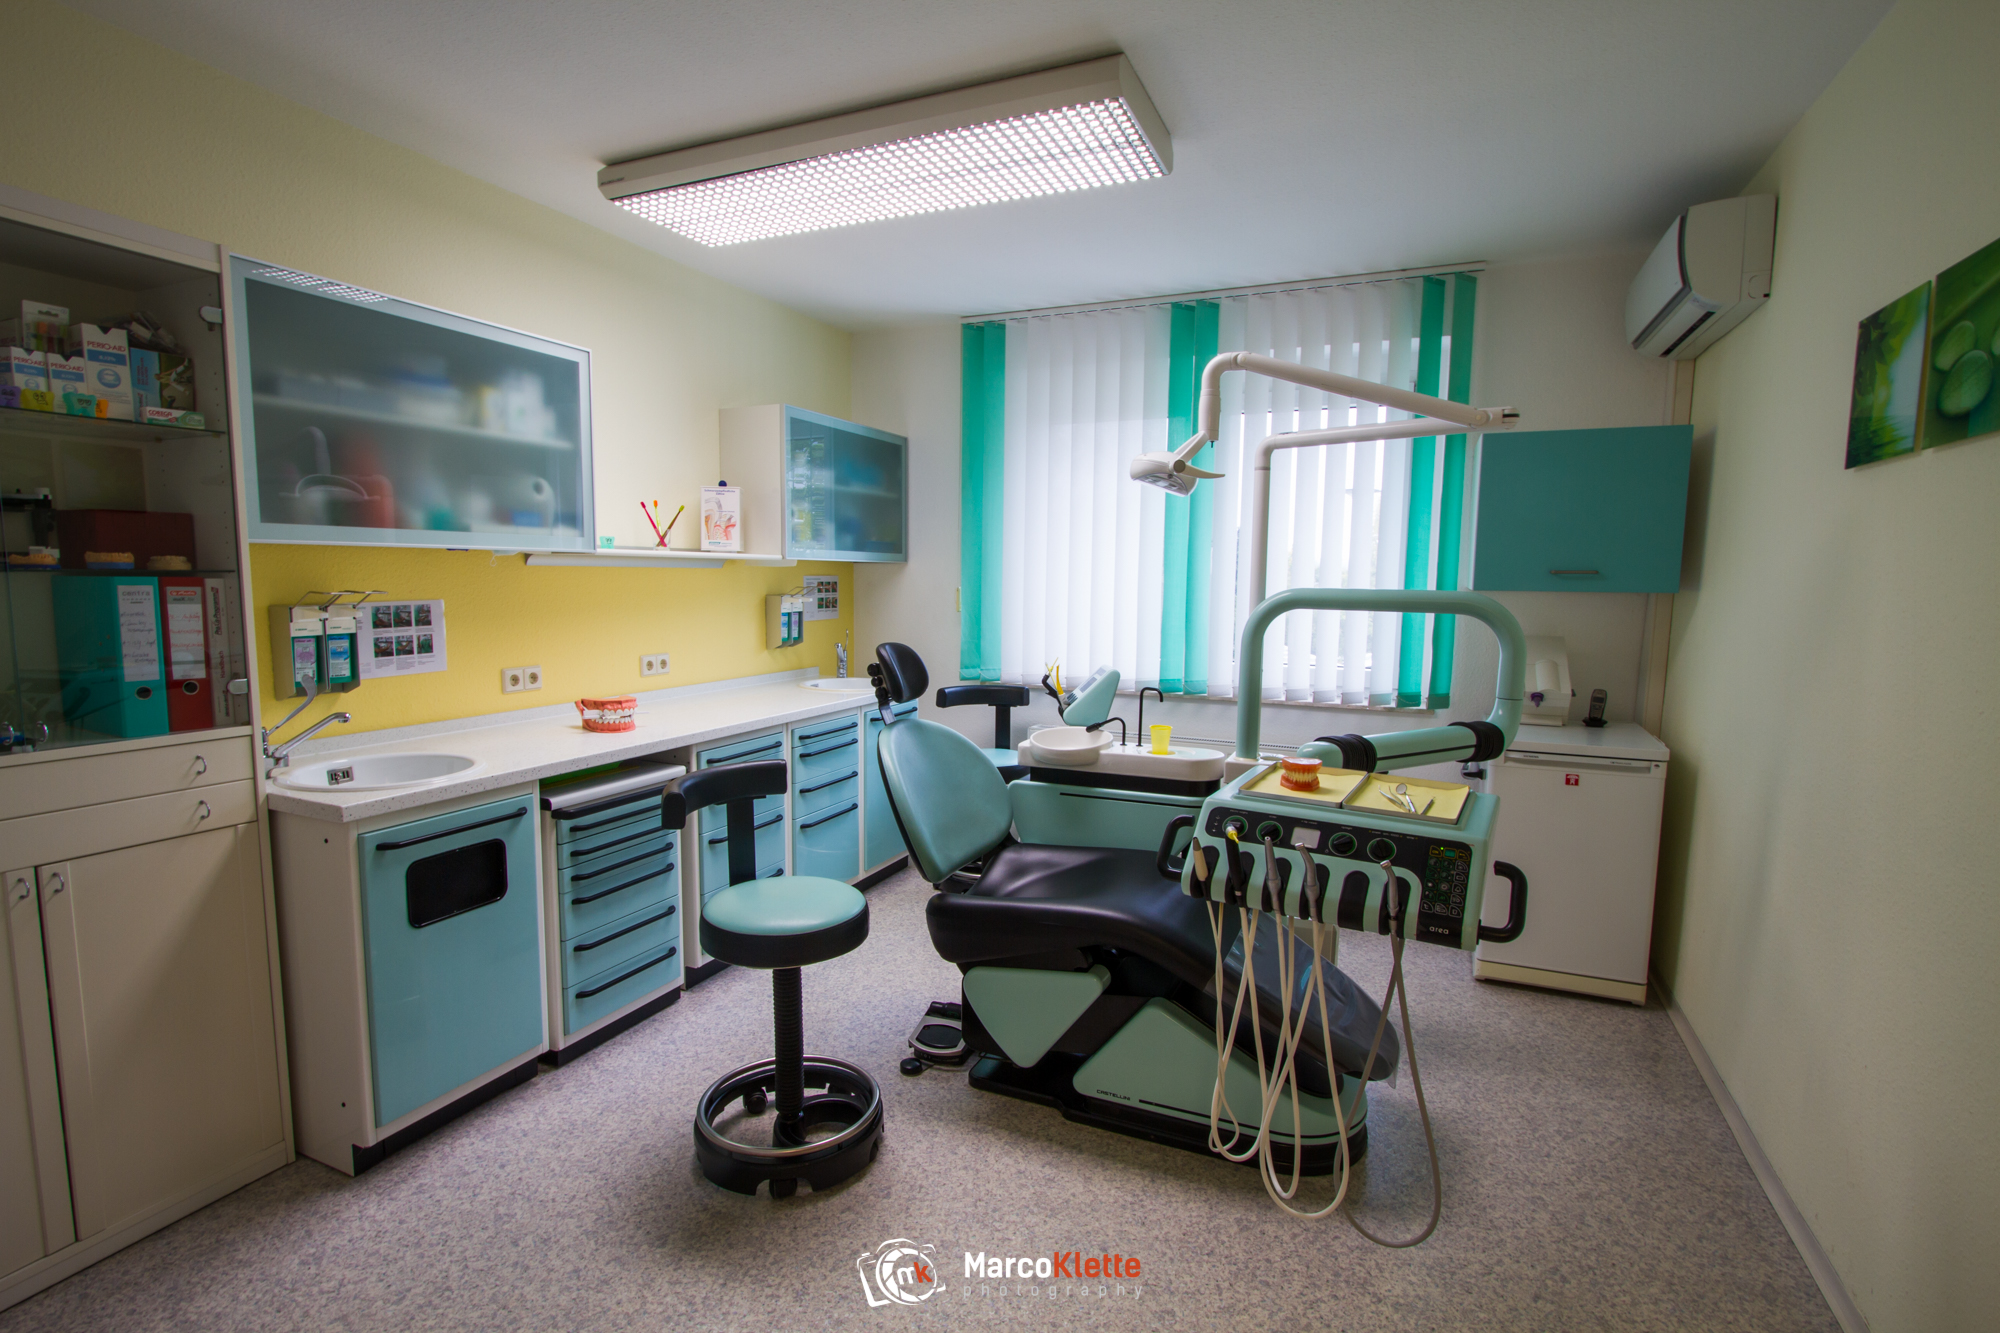 zahnarztpraxis-erdmann-5